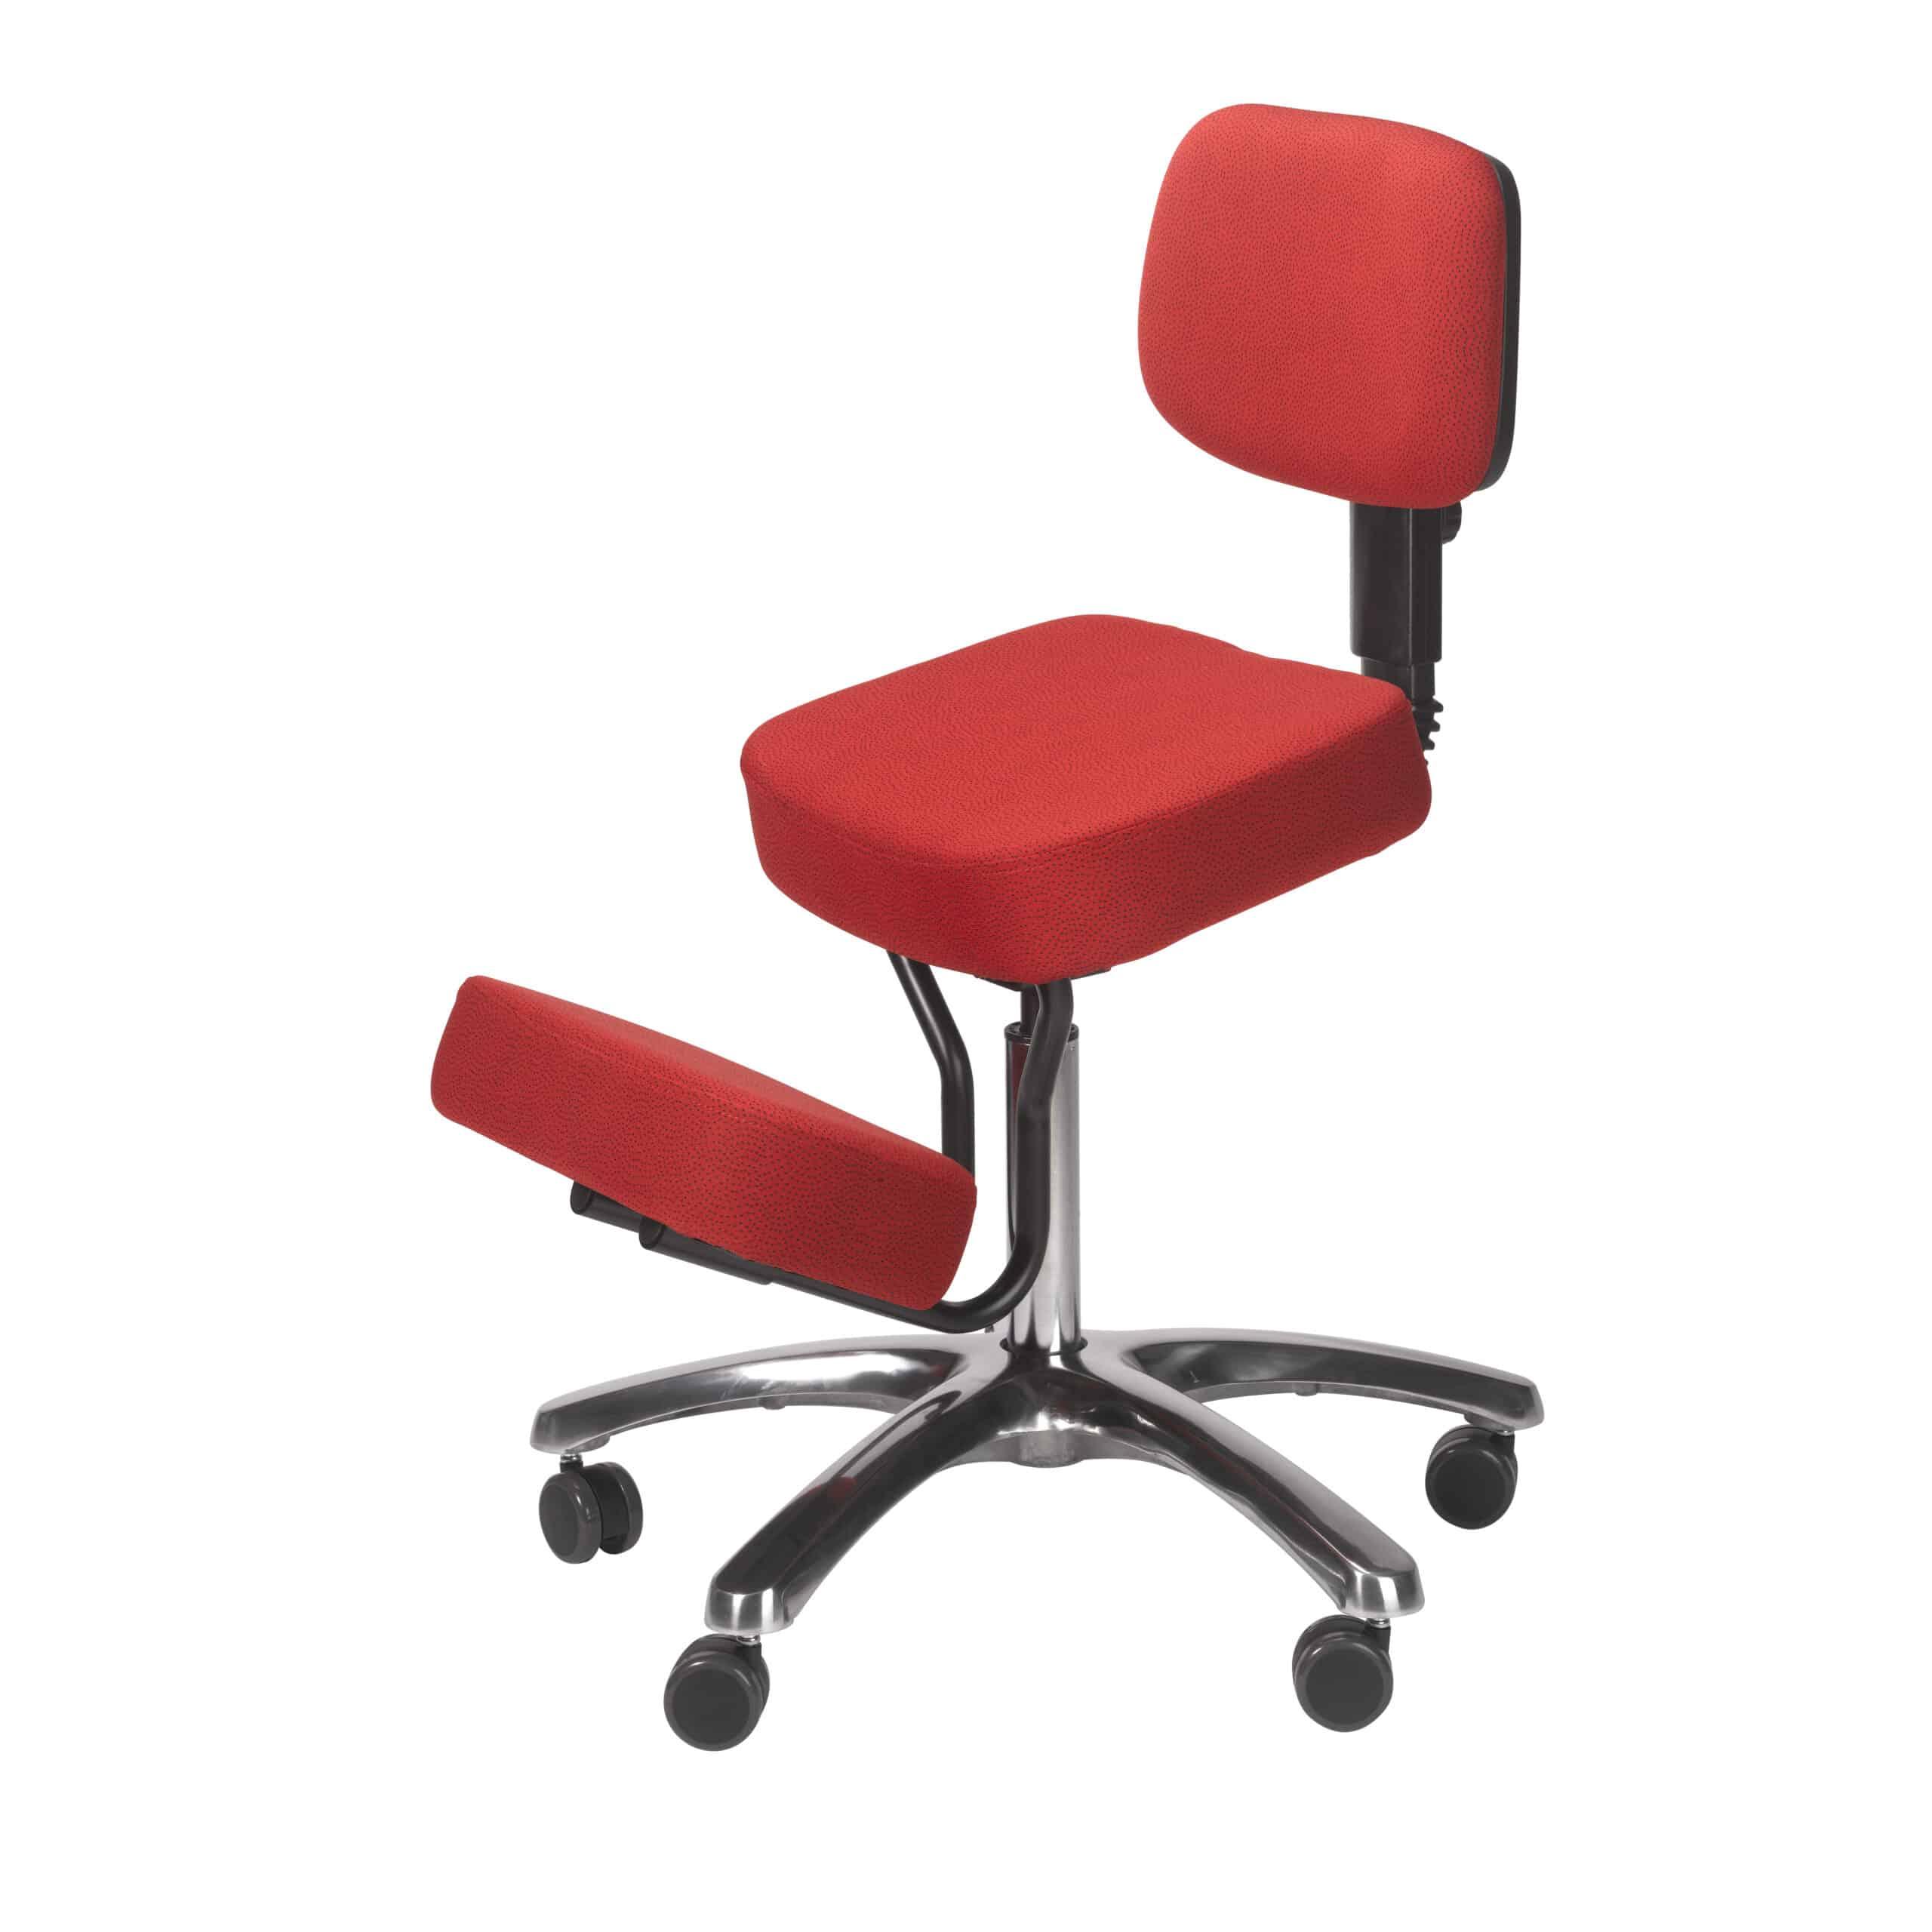 kneeling chairs jobri